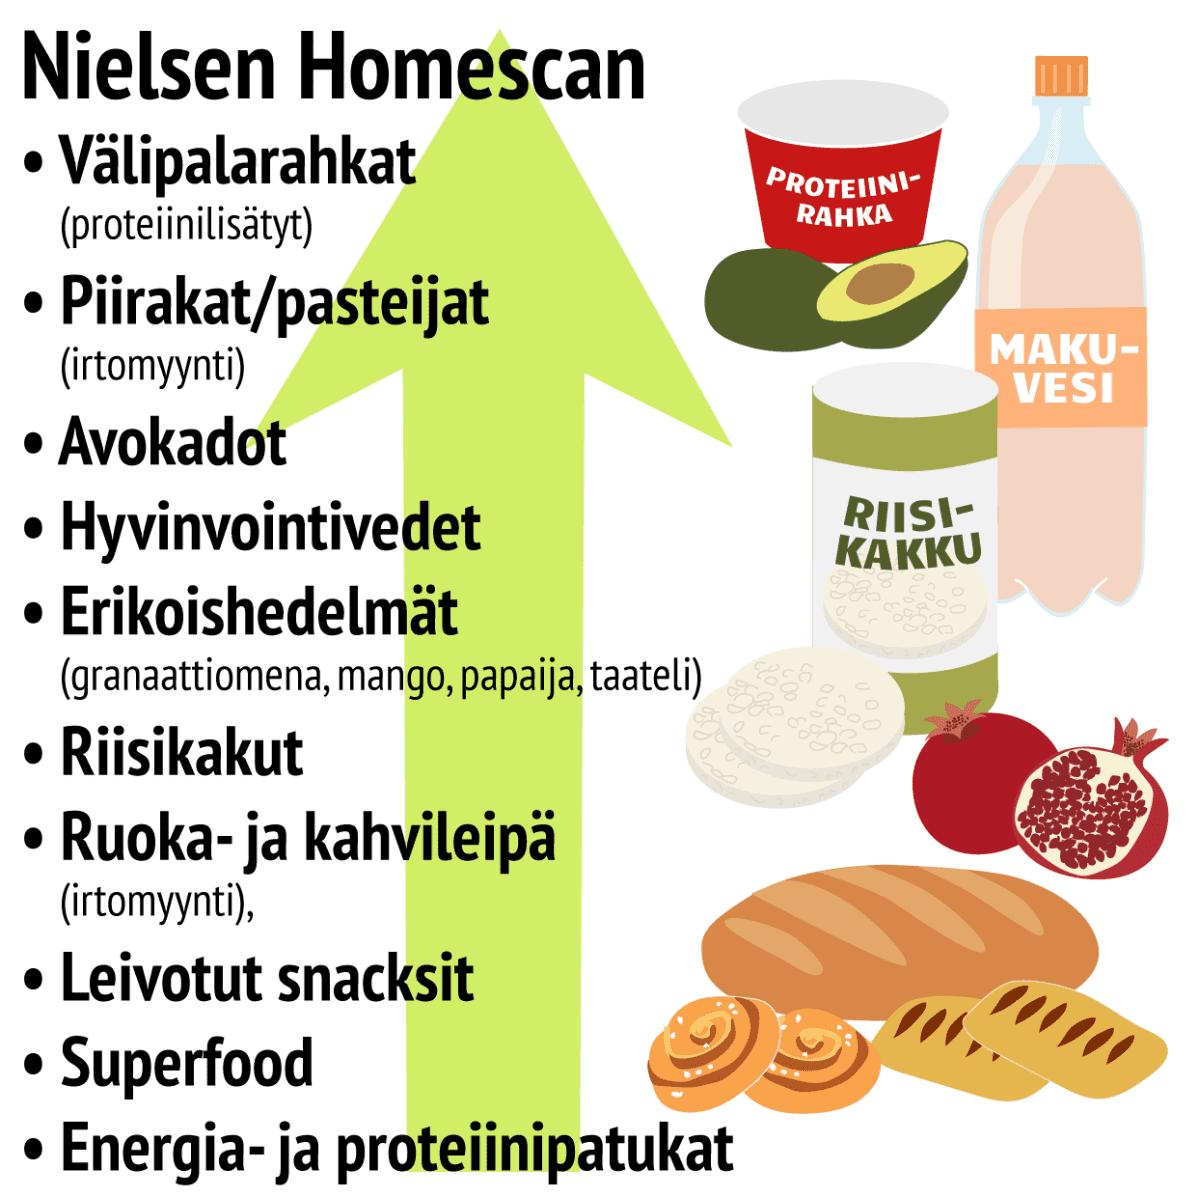 Ruokatrendit Nielseb Homescanin nousussa olevat tuotteet